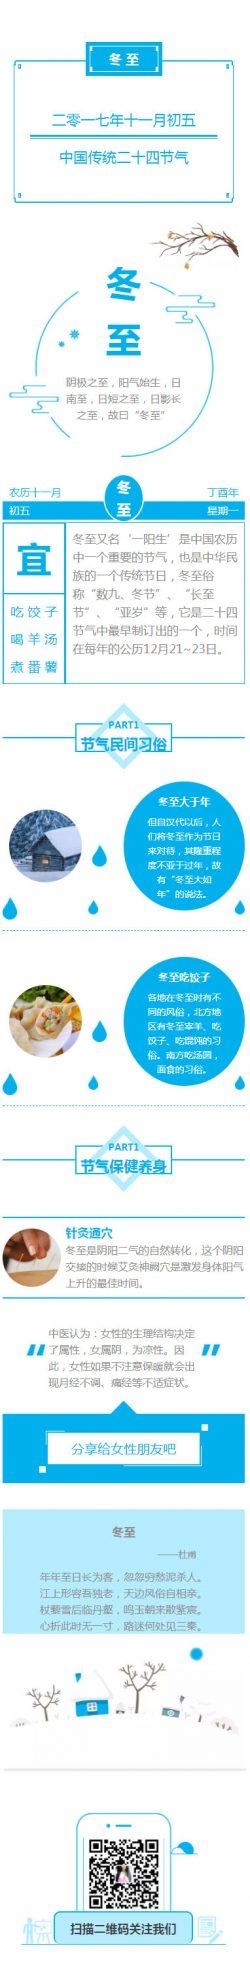 冬至中国传统二十四节气一阳生